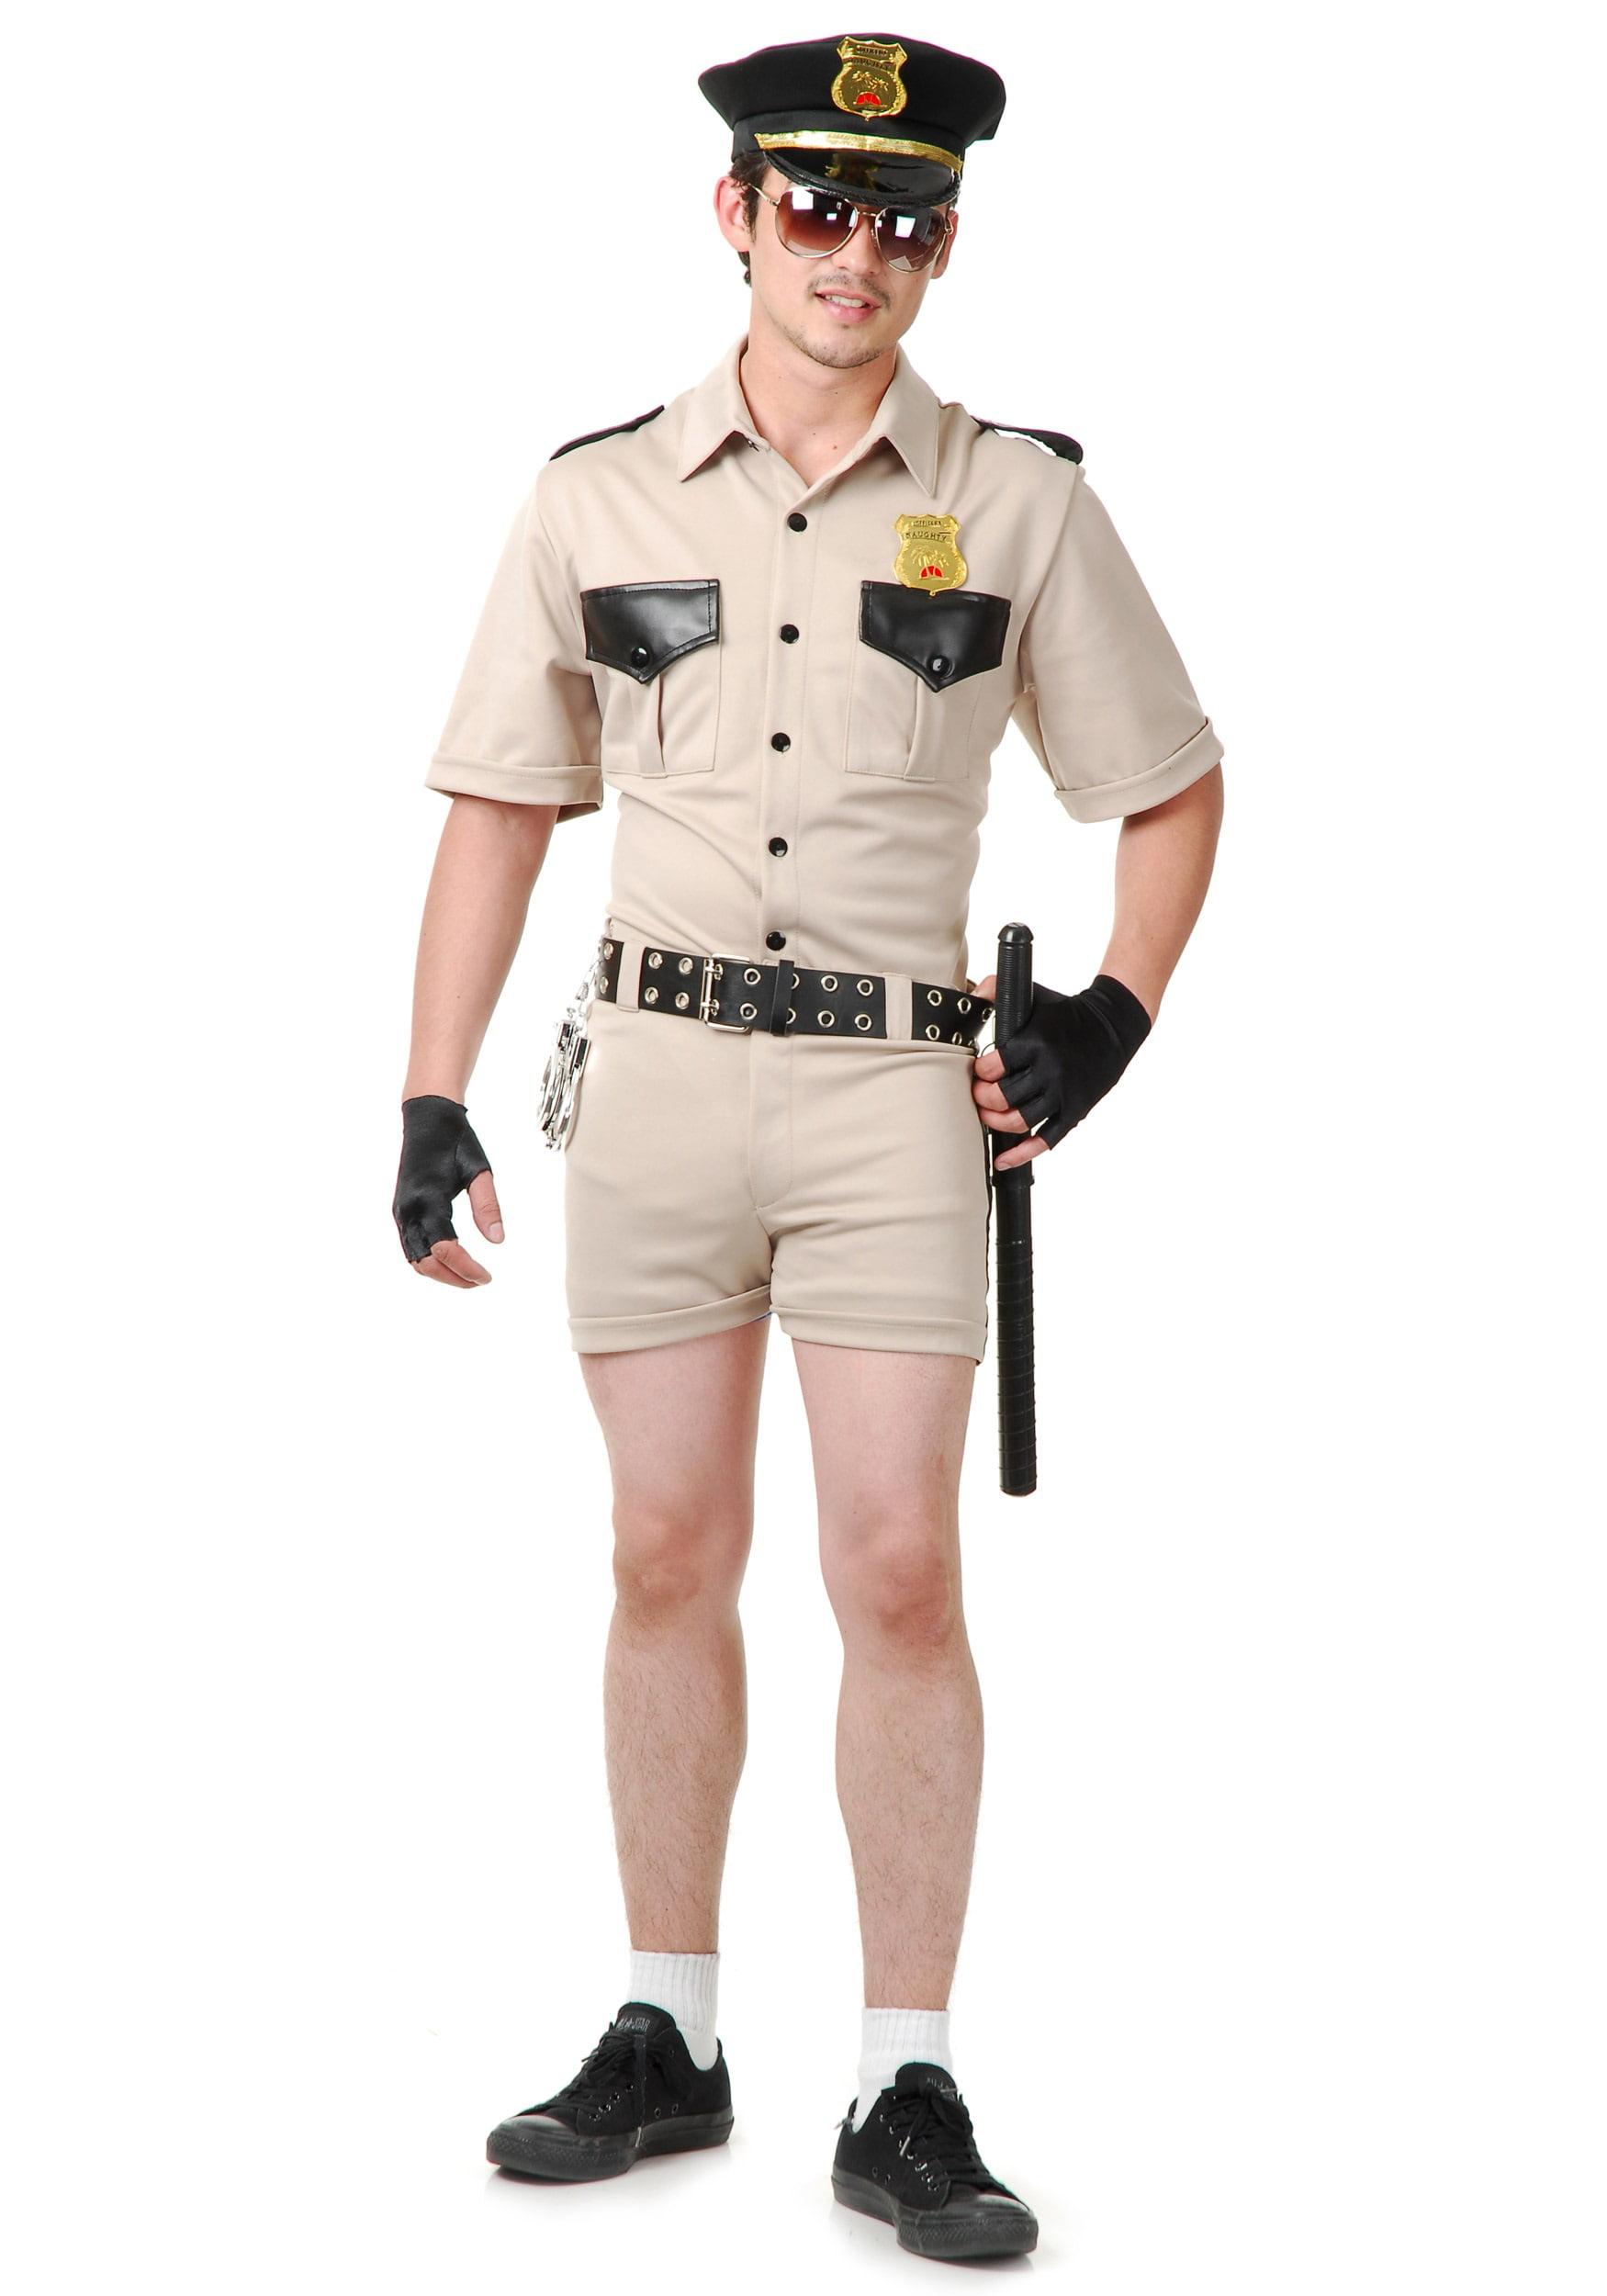 Reno Cop Costume - Walmart.com